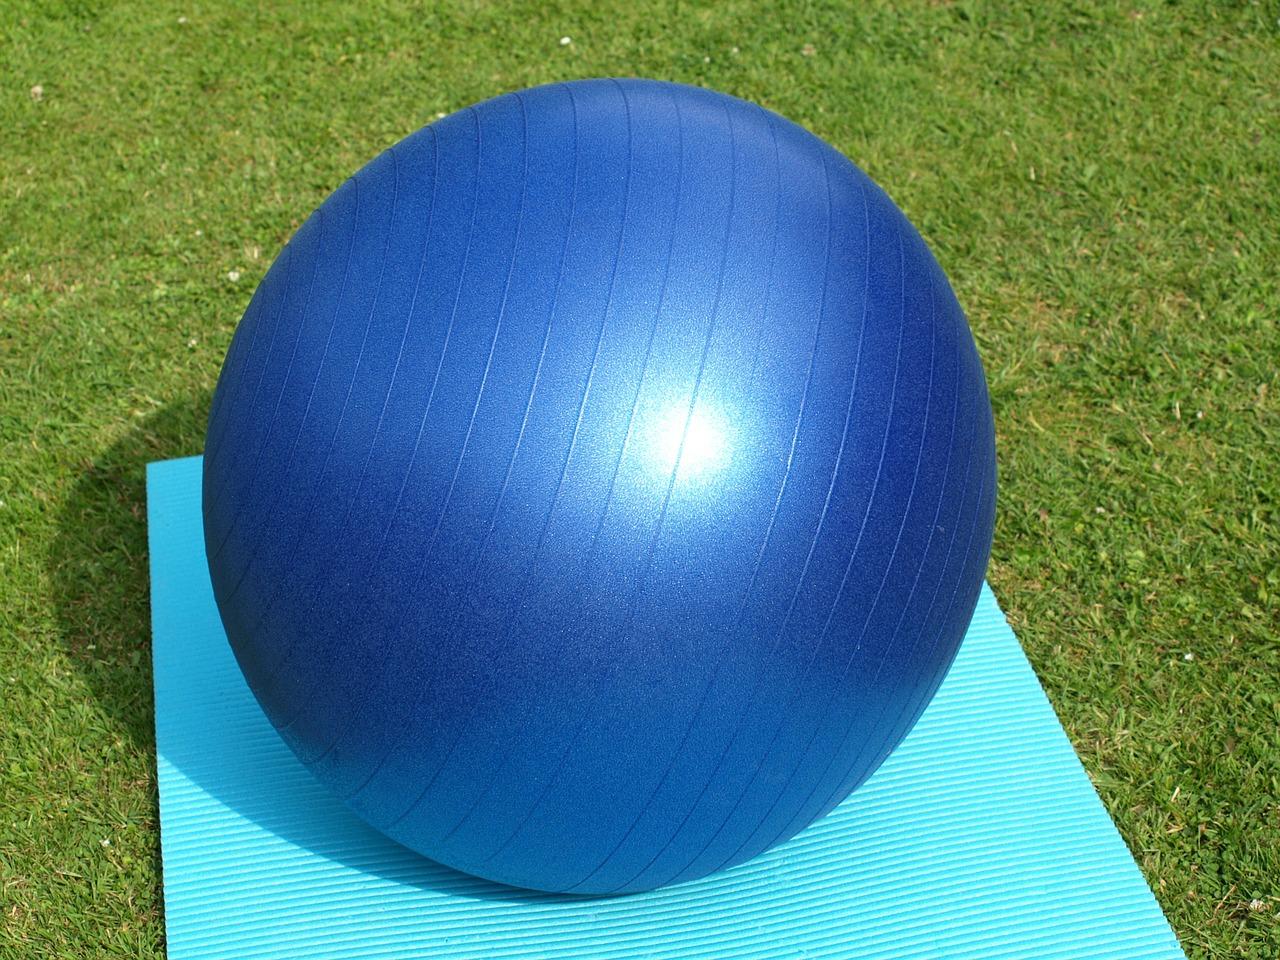 Ćwiczenia z piłką fitball podczas ciąży